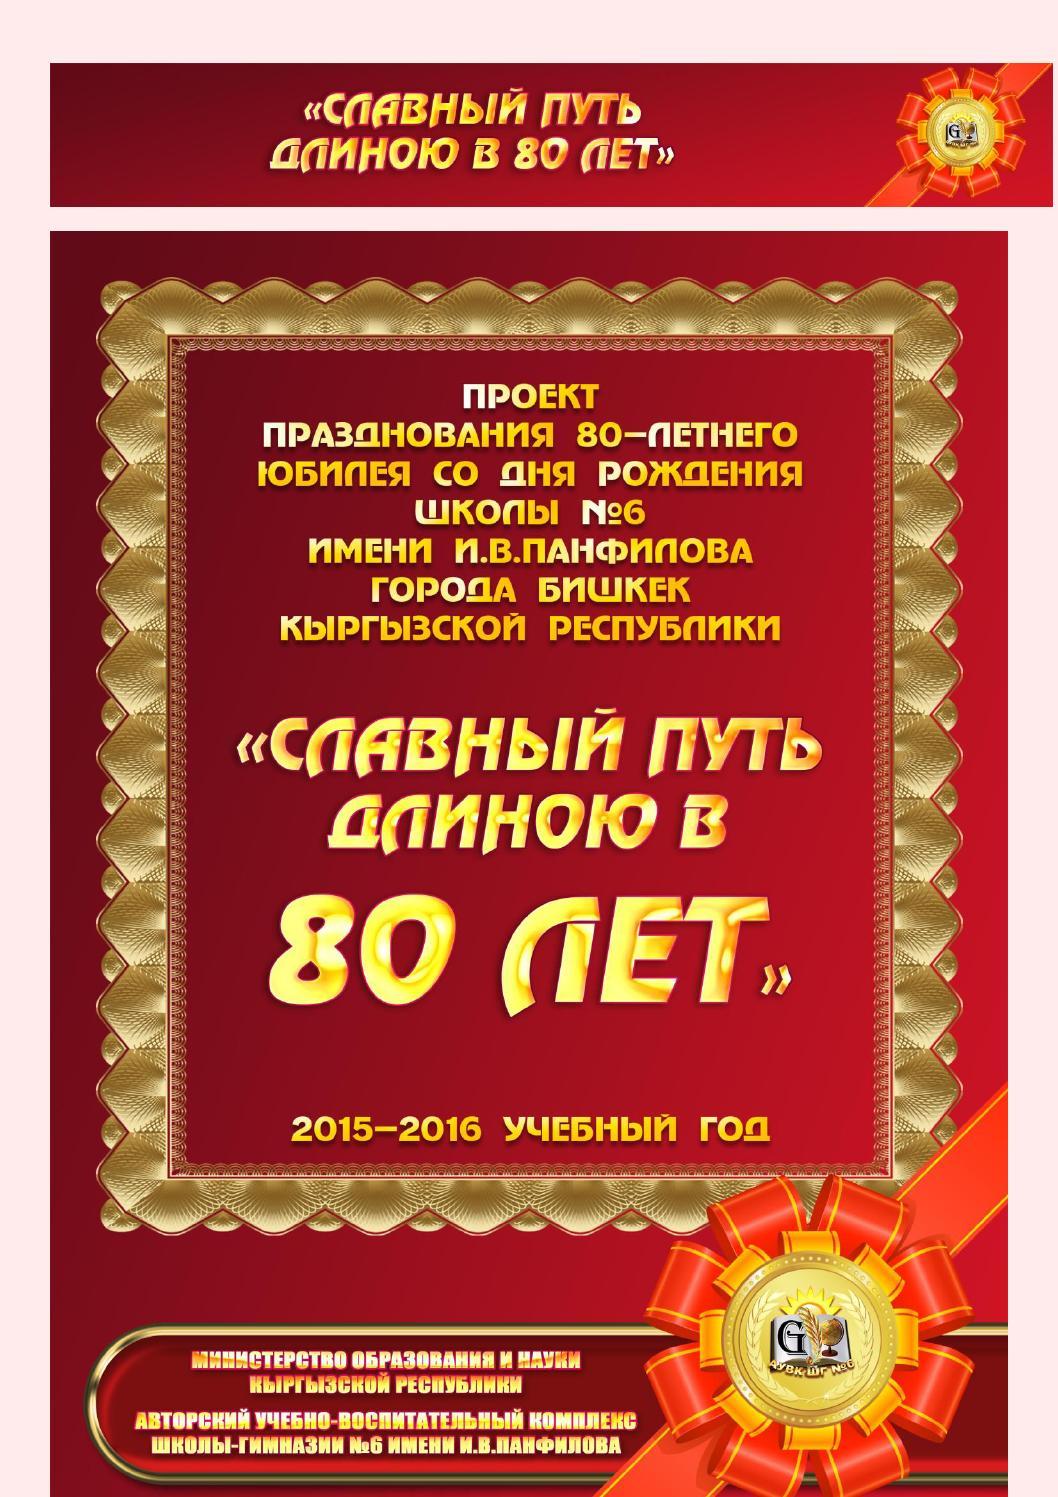 Вязание мужских носков Схемы вязания. ру 79